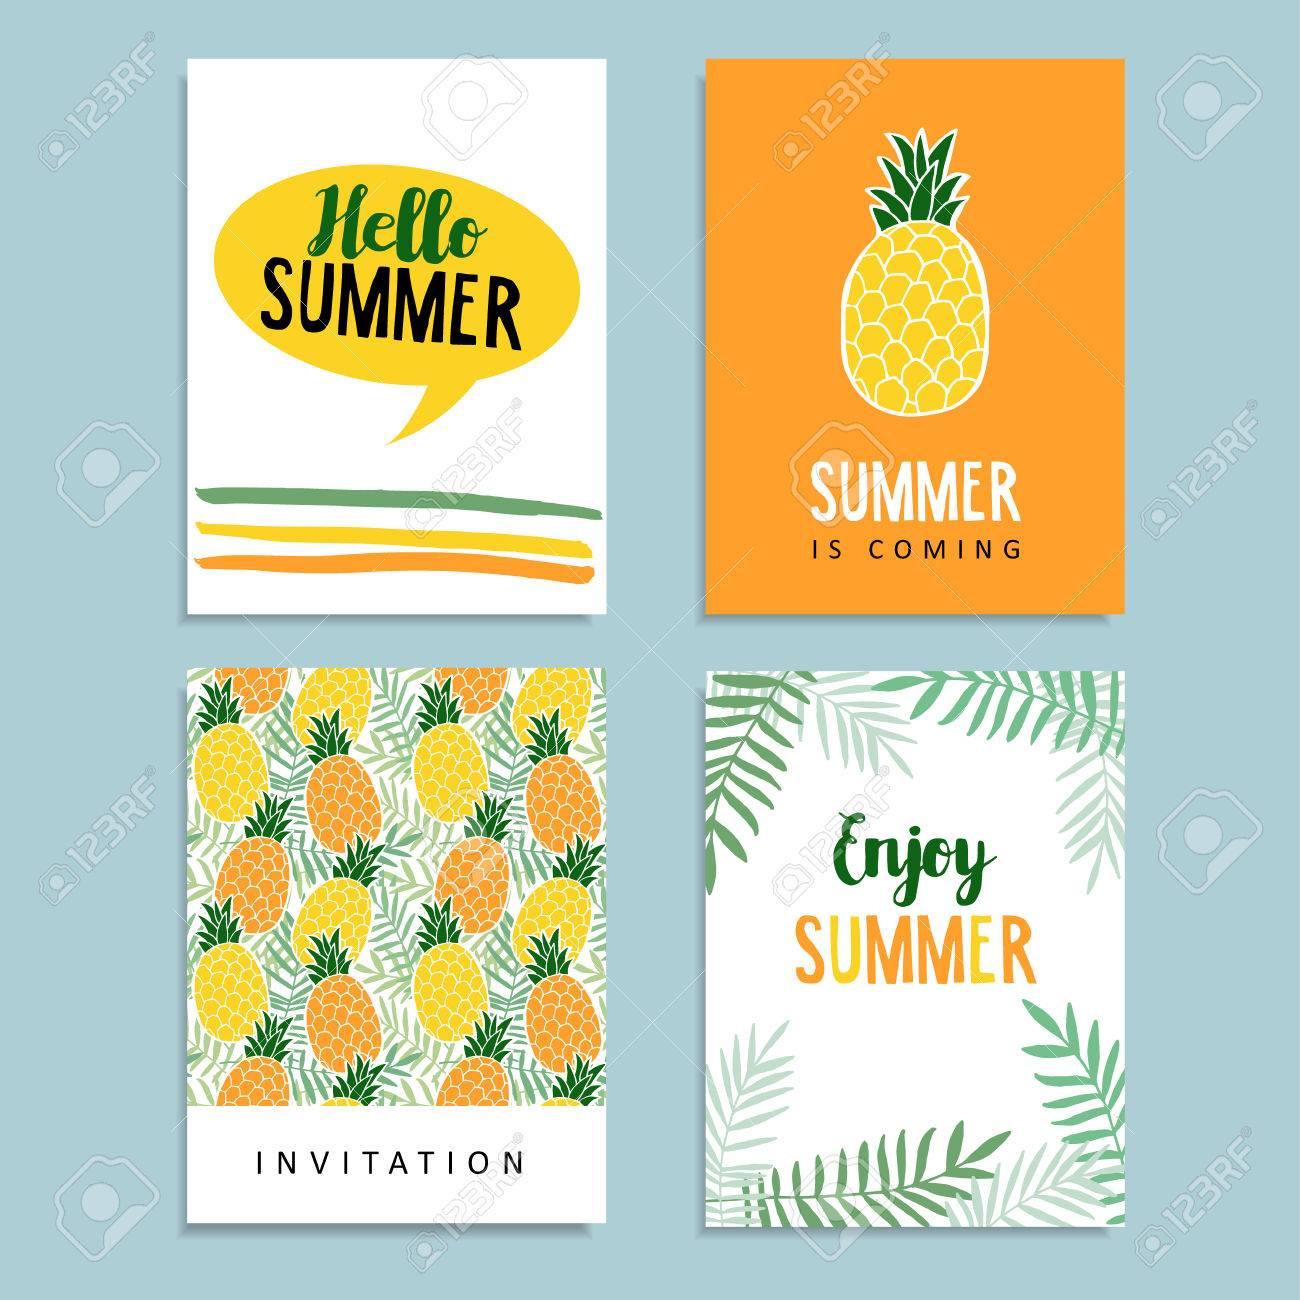 Jeu De Cartes De Voeux D Ete Cartes Journaling Invitation D Anniversaire Ananas Fruits Feuilles De Palmier De Fond Design Plat Tropical